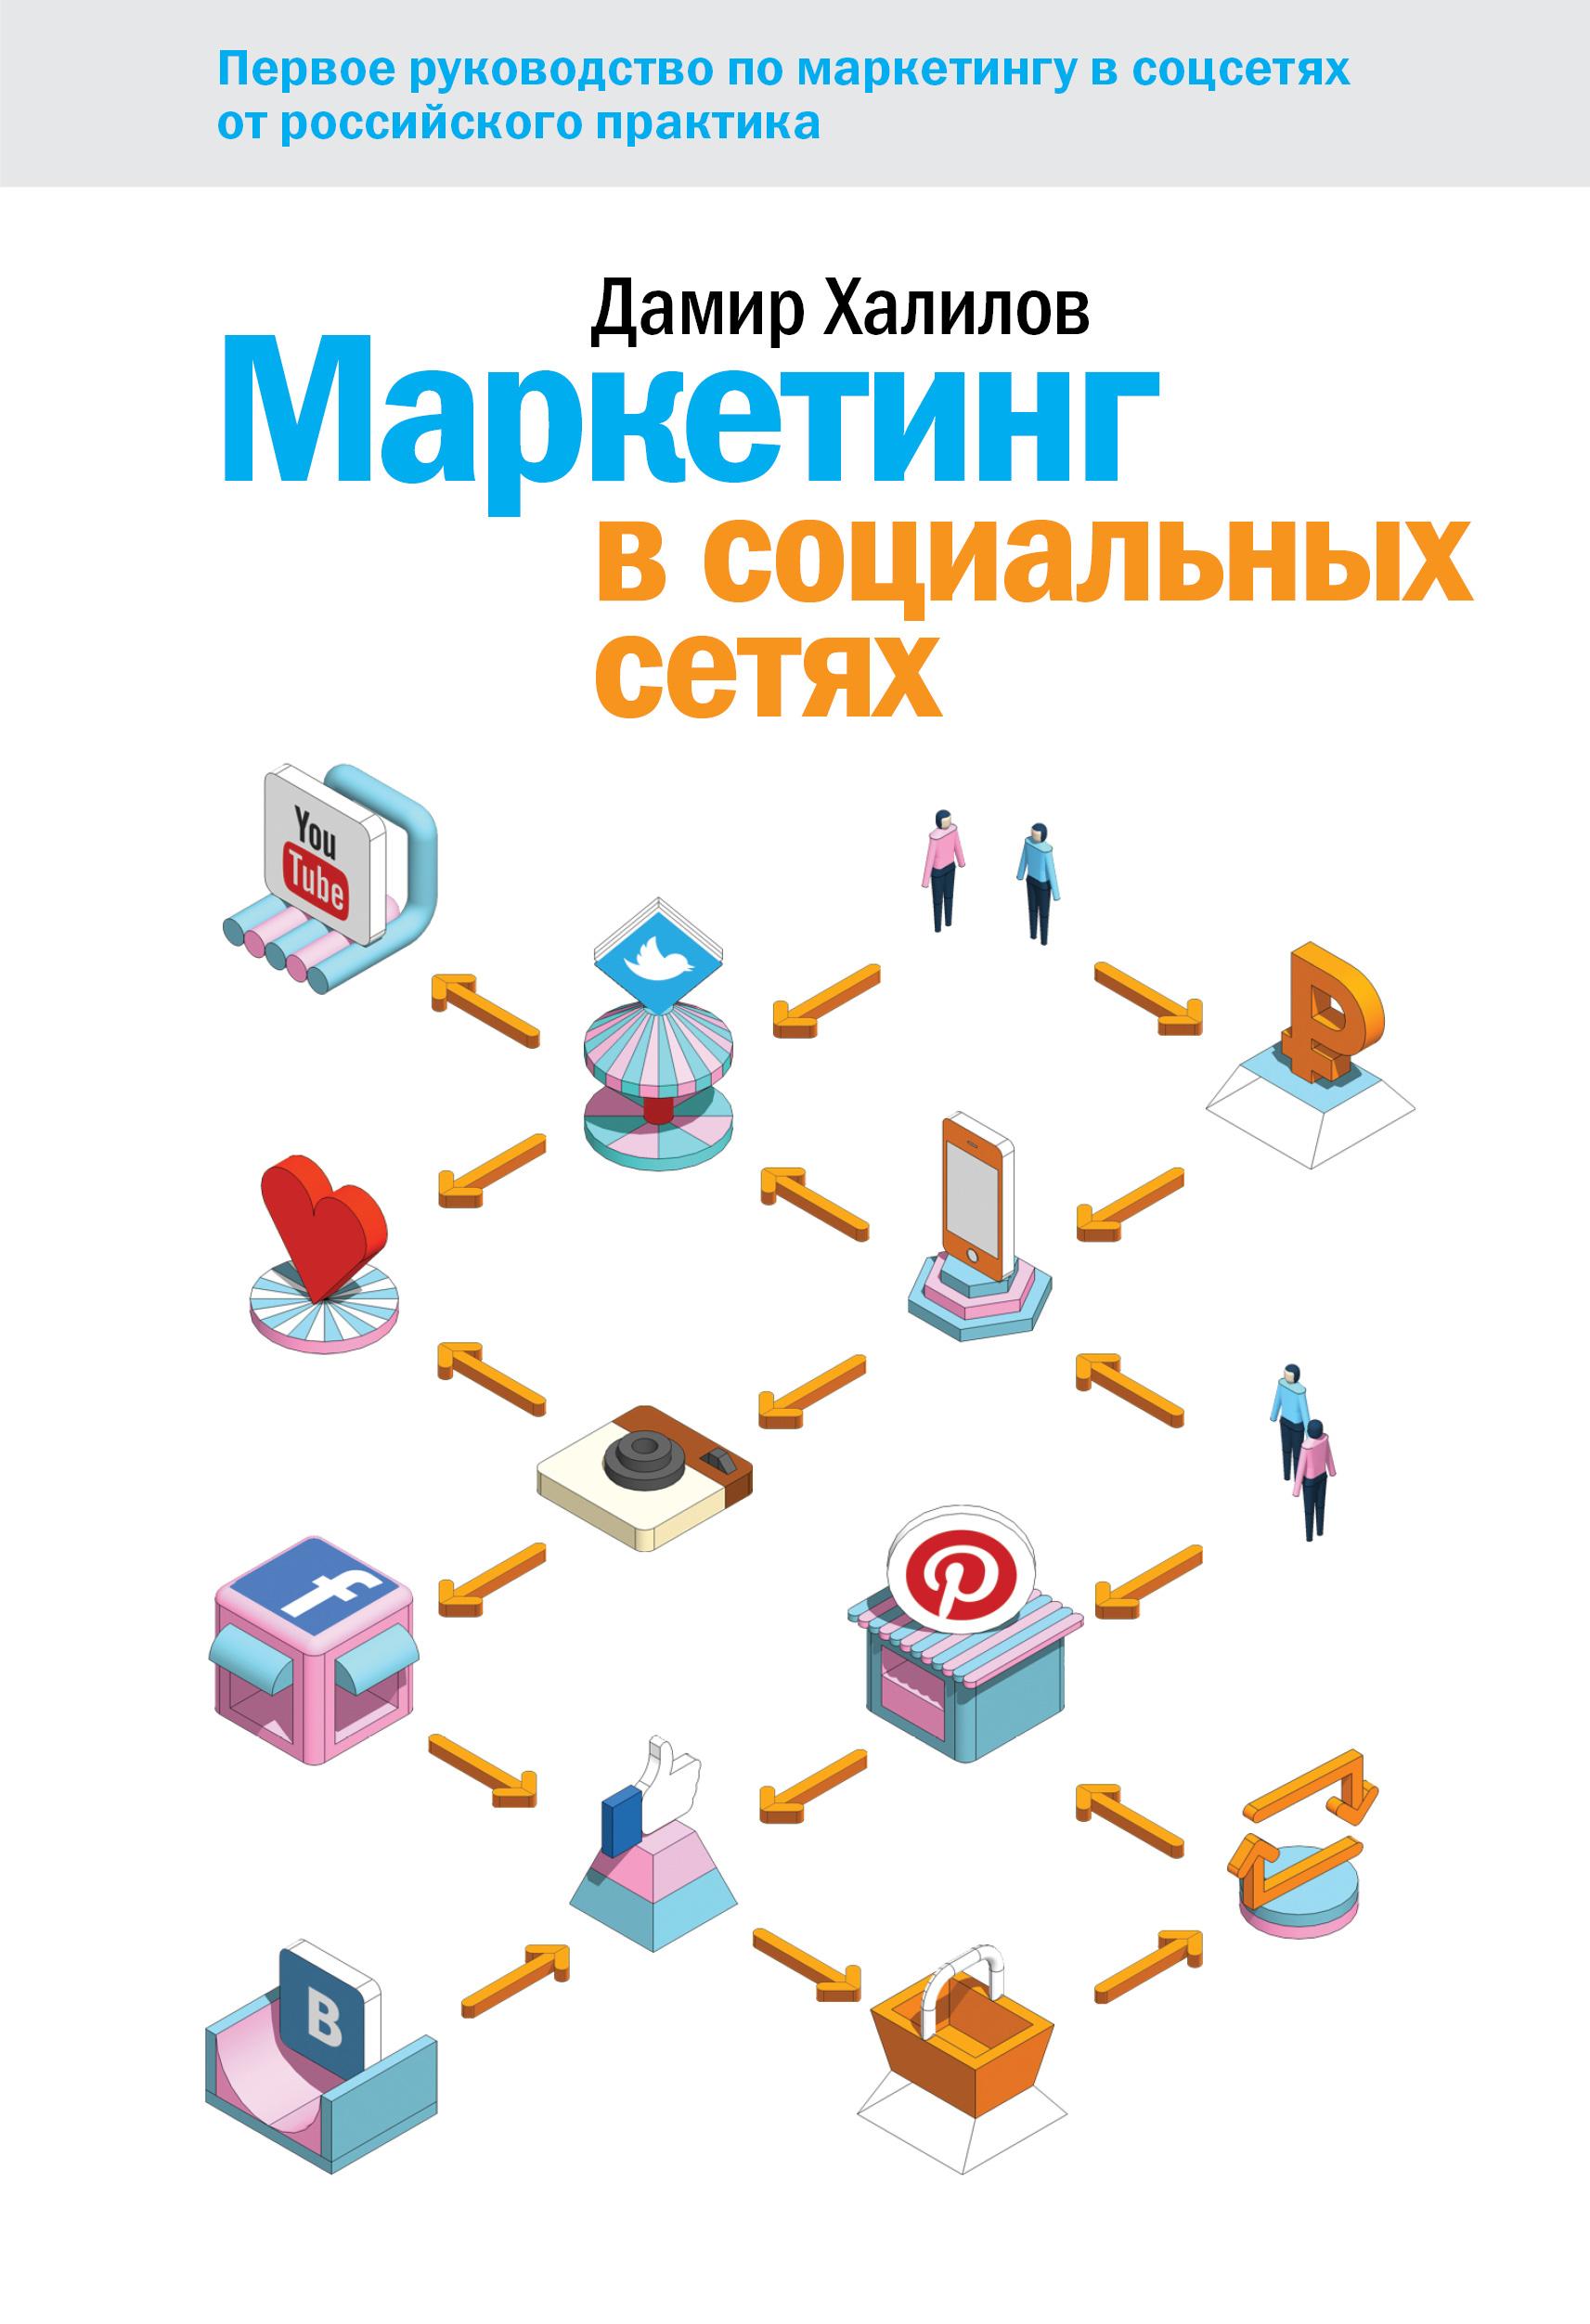 Дамир Халилов Маркетинг в социальных сетях айпери дамир джуля